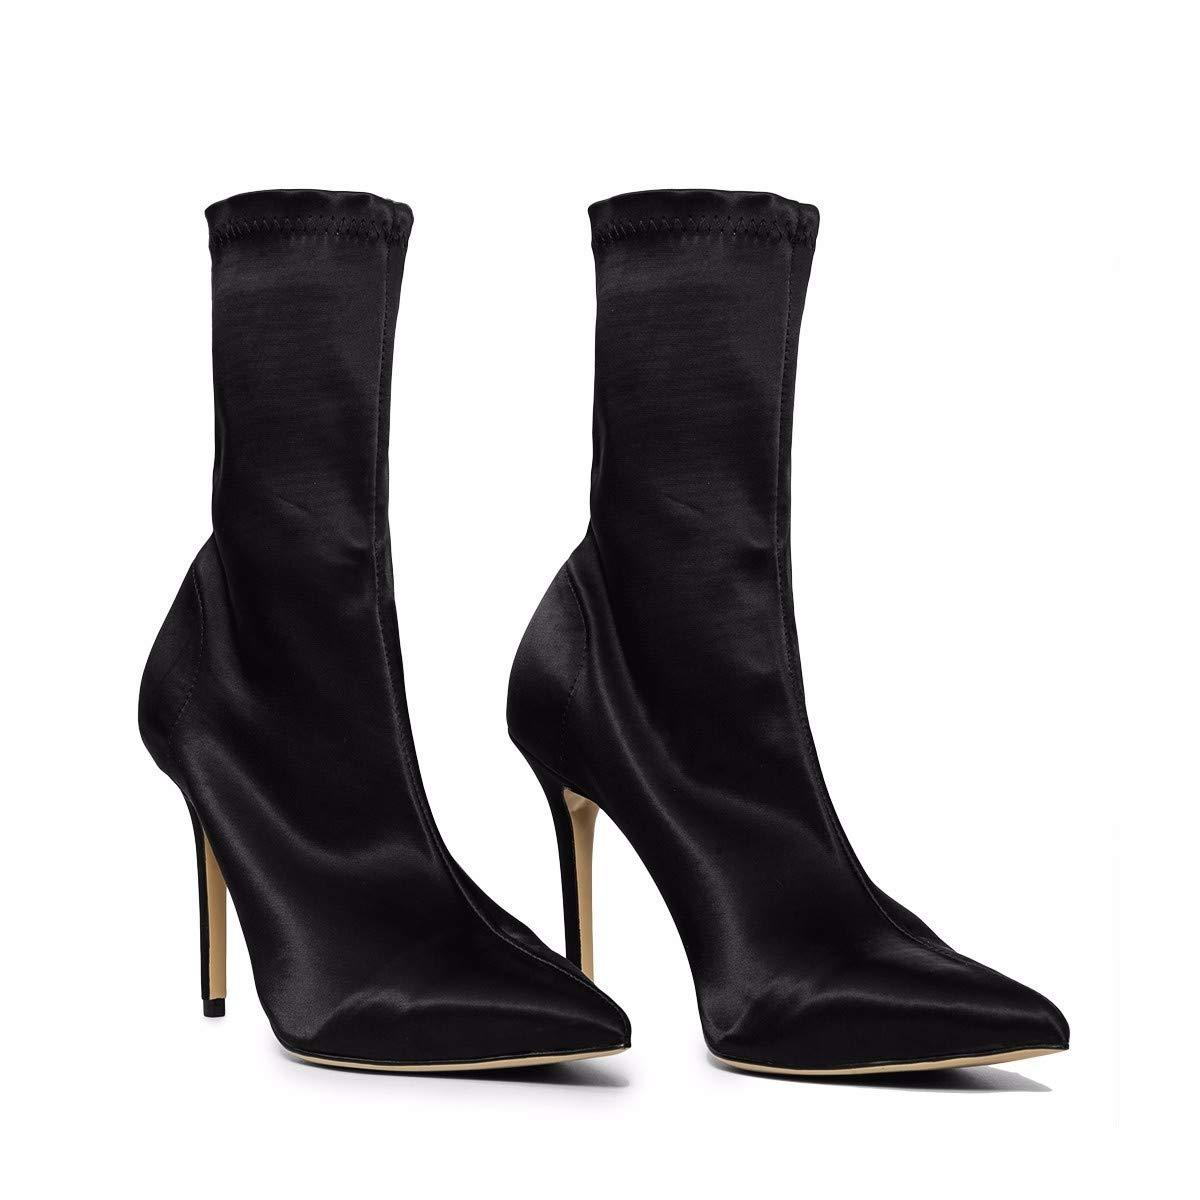 HBDLH Damenschuhe Sexy High Heeled Kurzen Spitzen Stiefeln, Frauen, Im Herbst und Winter Mode, Dünn Mit Socken Stiefel, Elastische Stiefel 9Cm